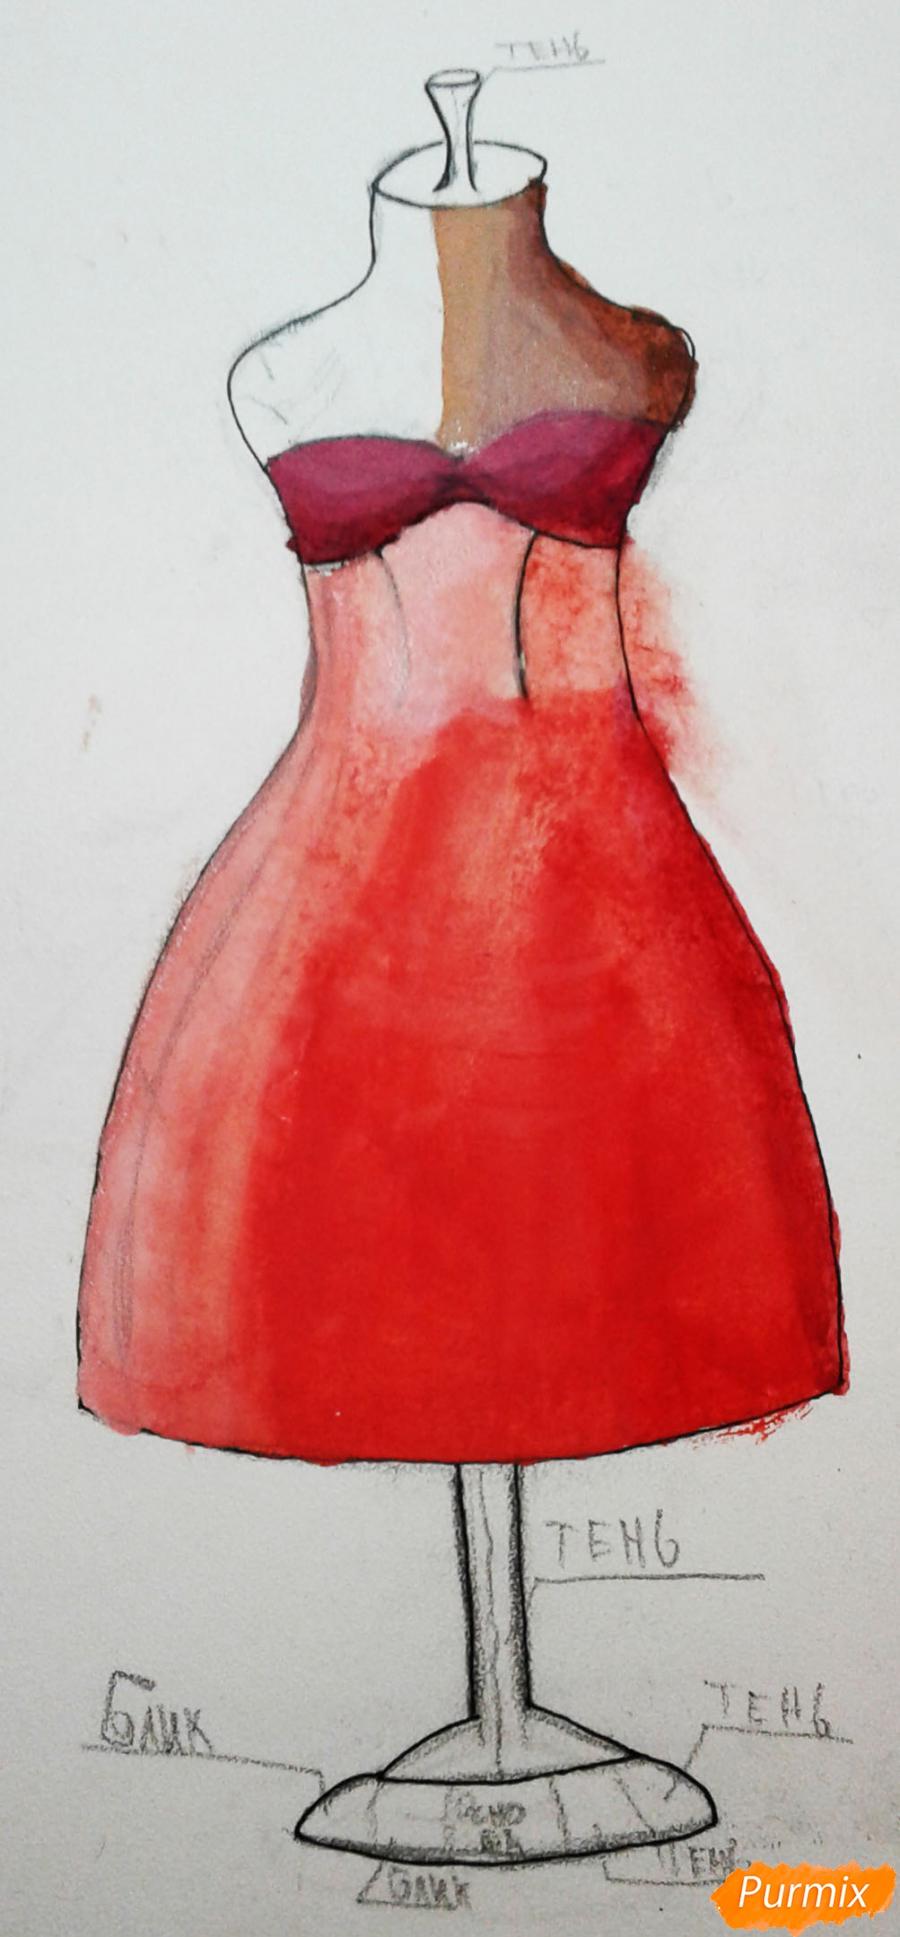 Рисуем и раскрасить платье на манекене акварелью - шаг 7